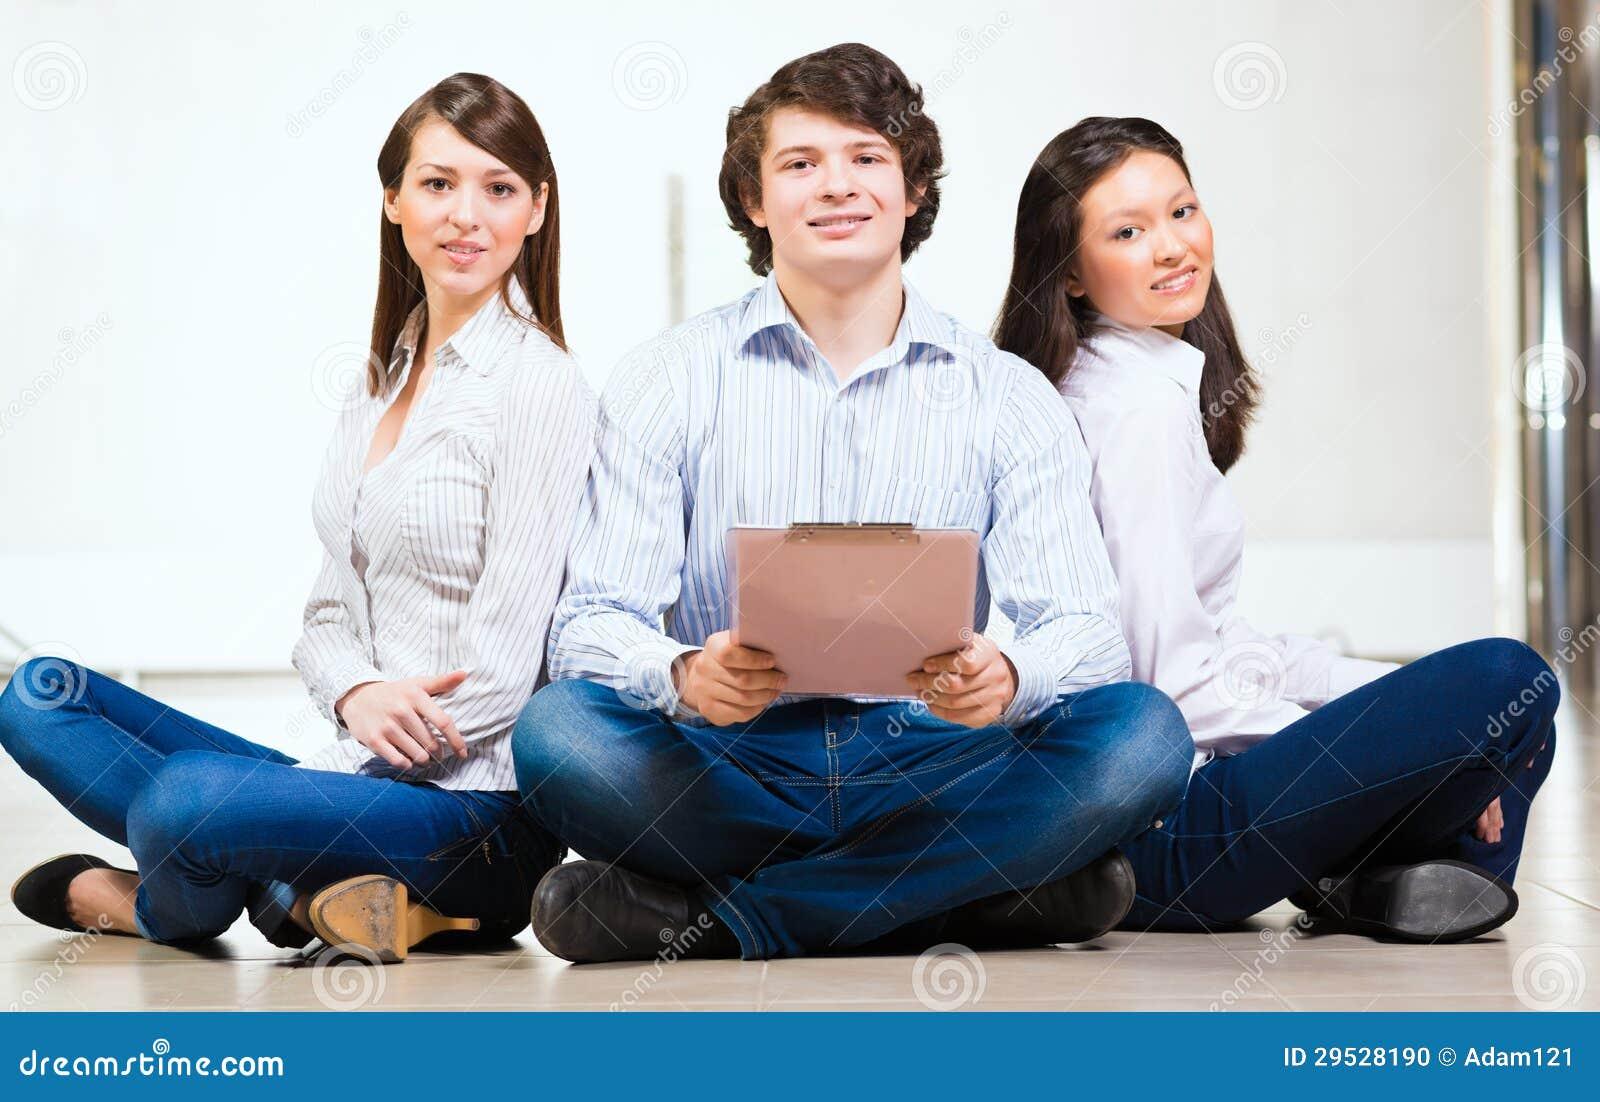 Retrato de um grupo de jovens